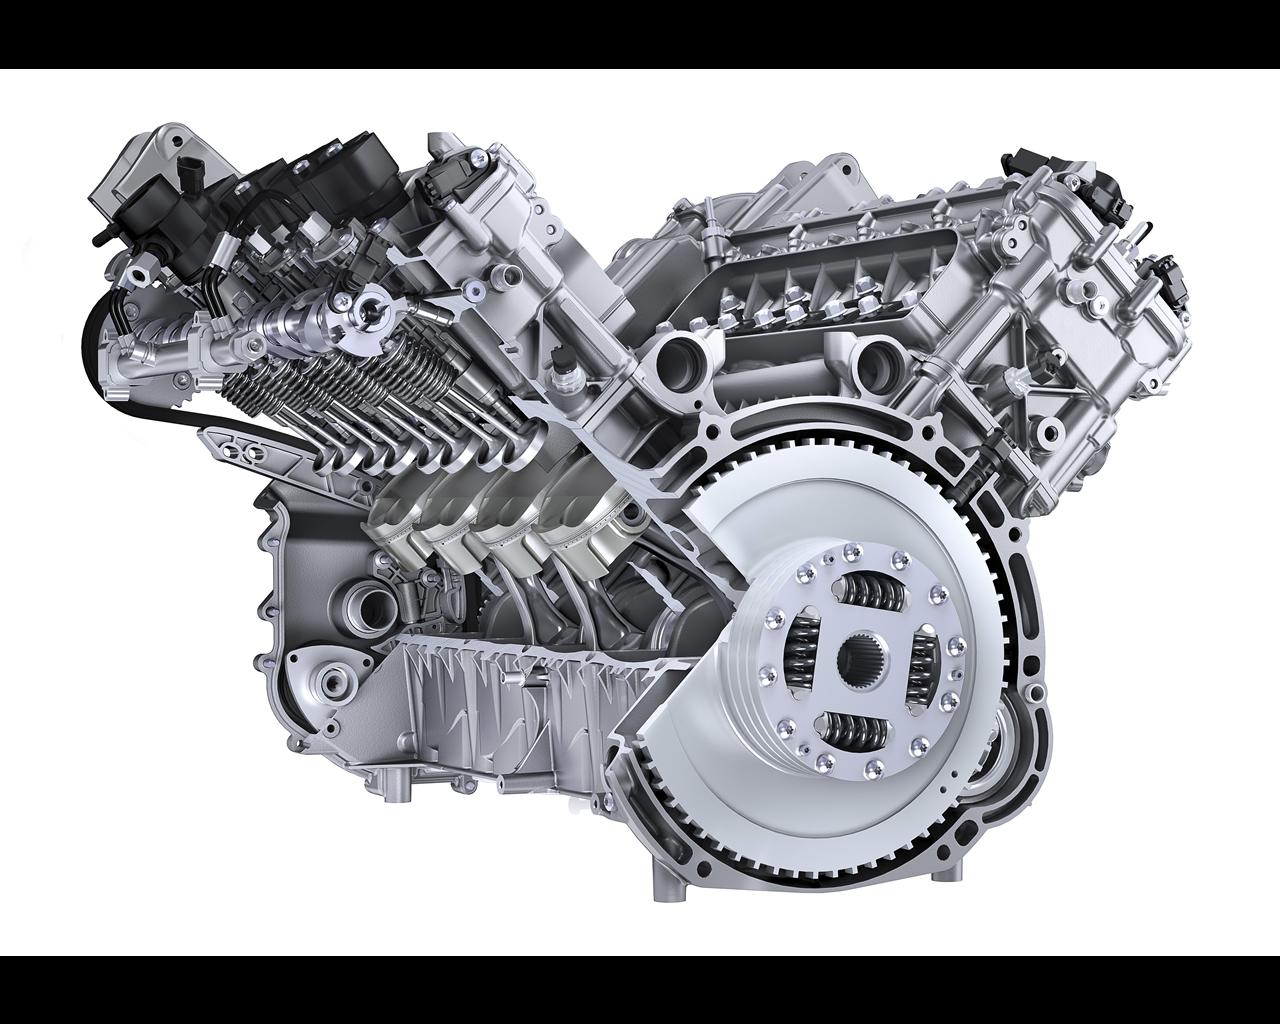 porsche plug in hybrid 918 spyder 2013 - Porsche 918 Spyder Engine